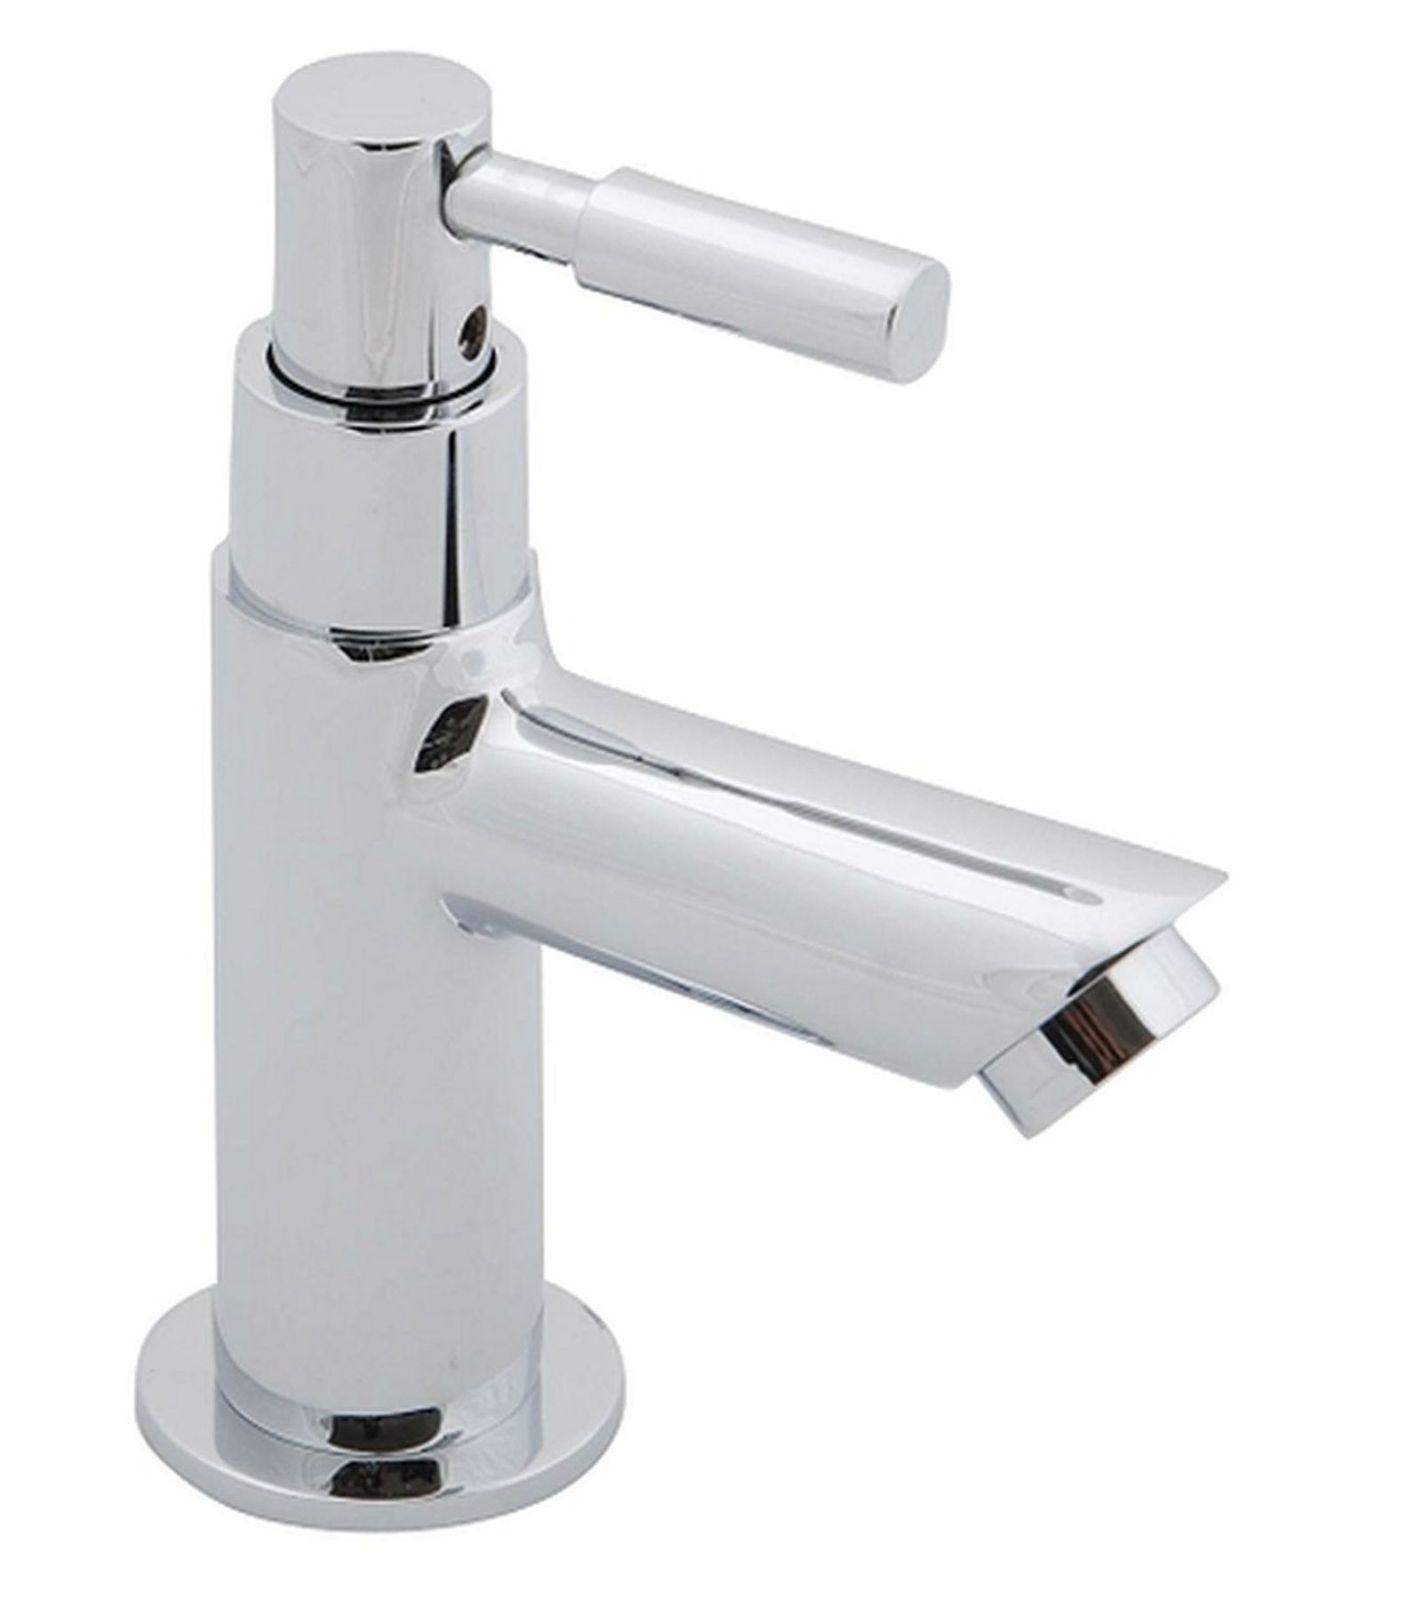 kaltwasser g ste wc standventil badezimmer waschbecken armatur wasserhahn 0466 kaufen bei. Black Bedroom Furniture Sets. Home Design Ideas